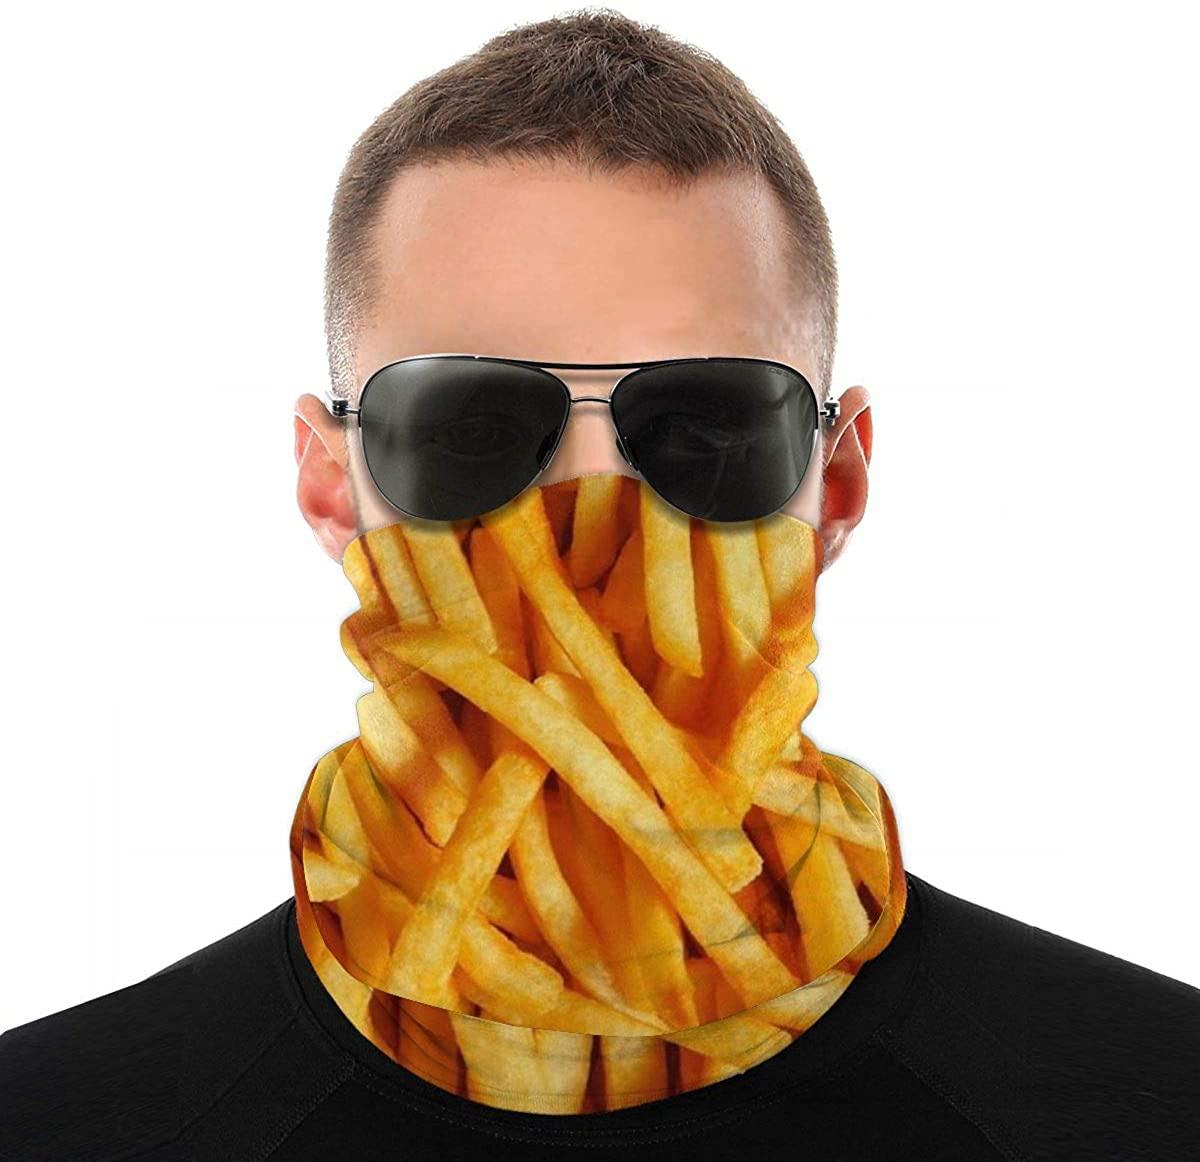 French Fried Novelty Neck Gaiter Unisex Adult Windproof Mask Dust Sports Face Mask Half Balaclava Weather Bandana Women Men Outdoors Festivals